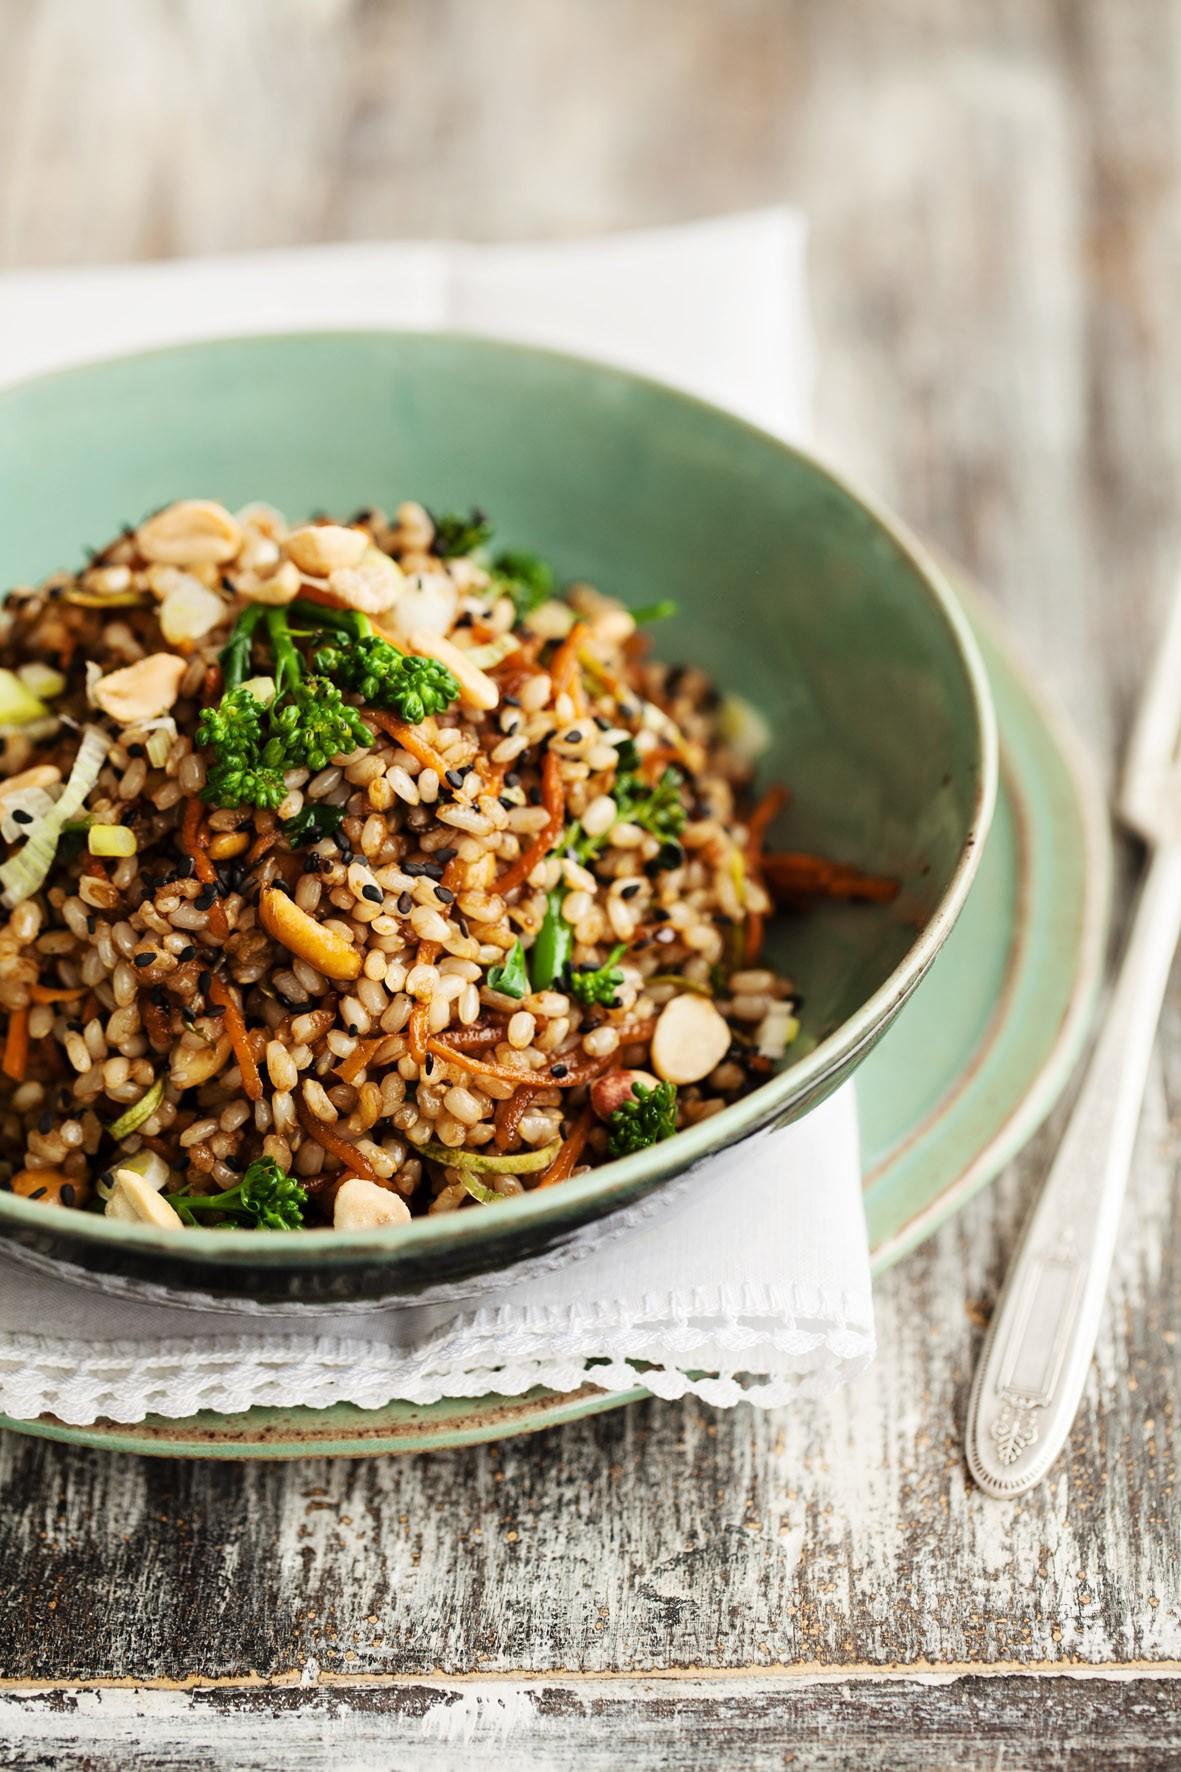 Salada de arroz integral do Gula Gula idealizada por Nanda (Foto: Divulgação)